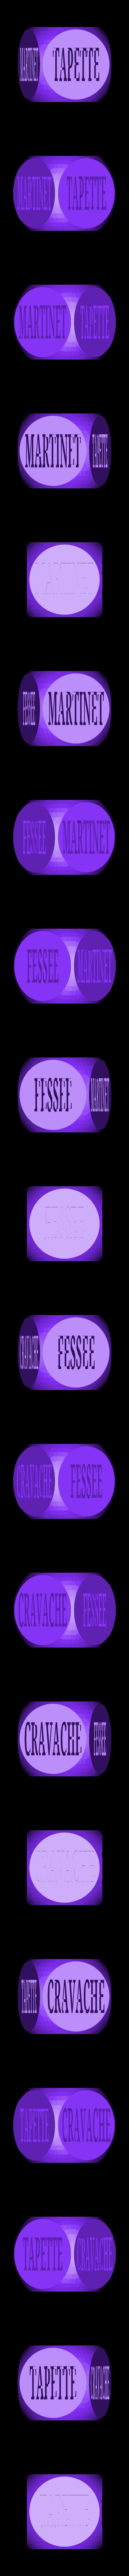 2c5362e5 ad6d 414a 8c6f 6b2bed868854